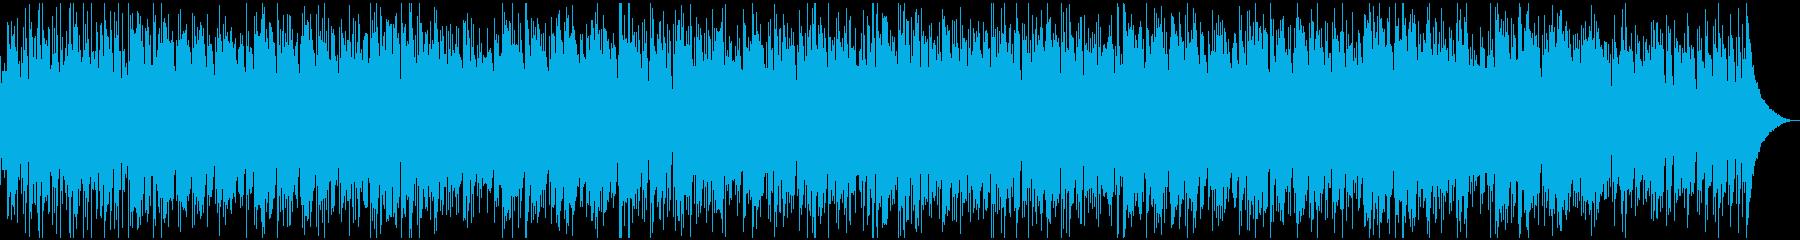 おしゃれなボサノバ02の再生済みの波形